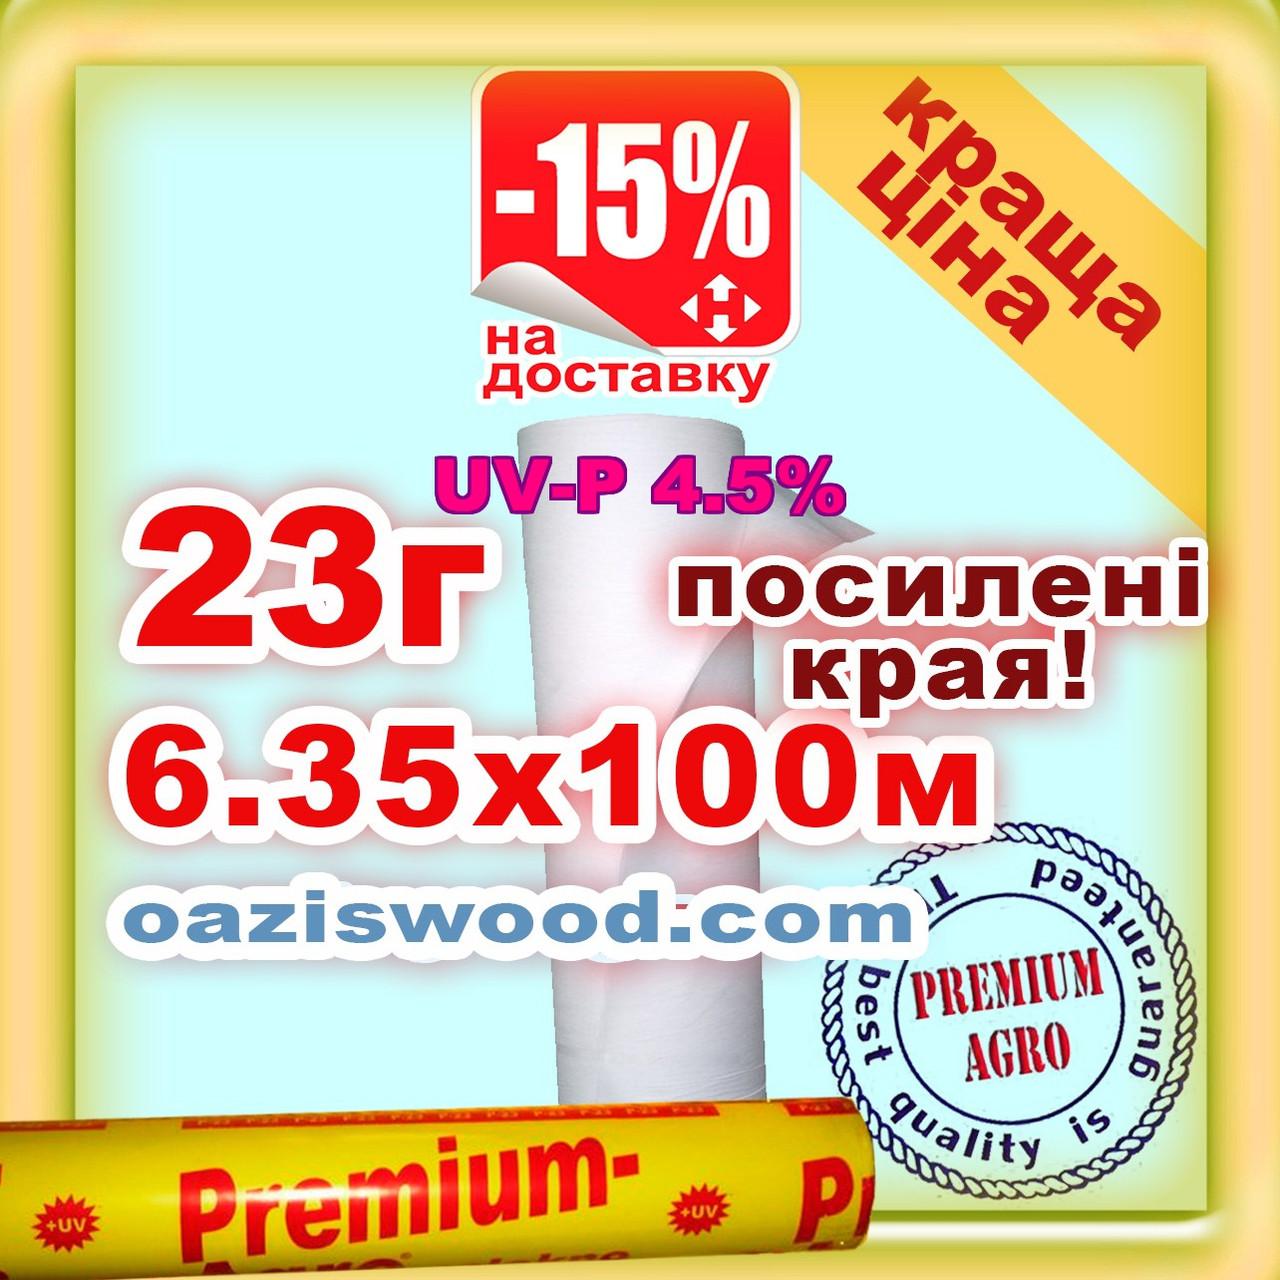 Агроволокно р-23g 6.35*100м белое UV-P 4.5% Premium-Agro Польша усиленные края